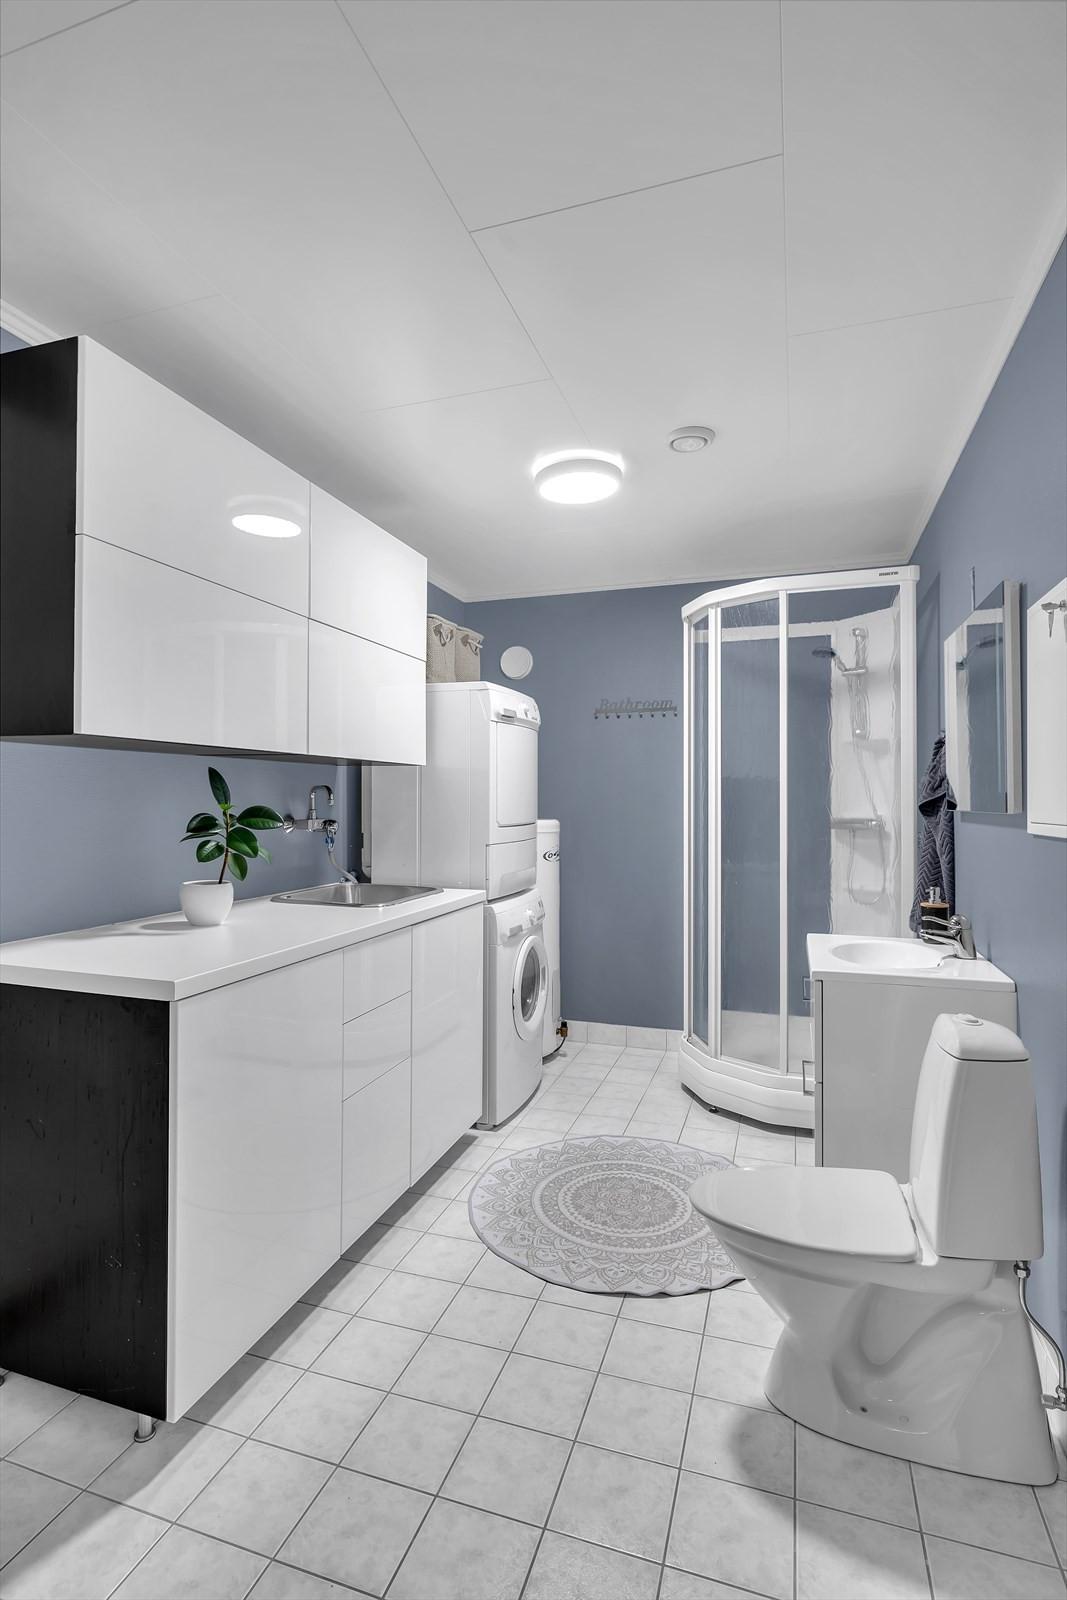 Vaskerommet har godt med innredning, dusjkabinett og flis på gulv med gulvvarme